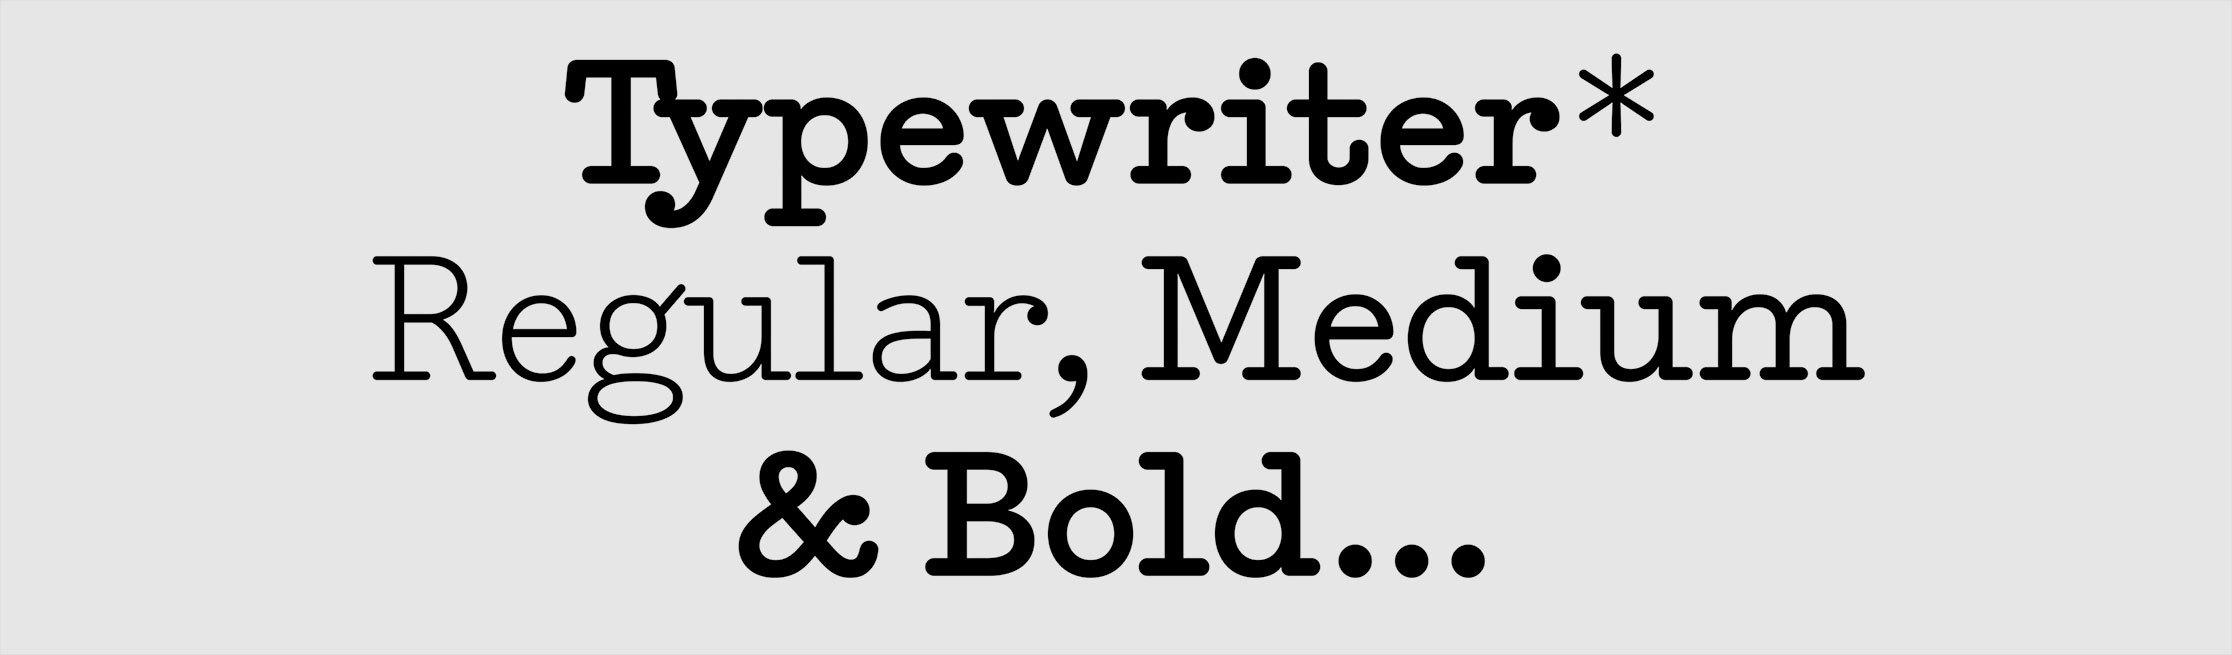 Typewriter sample